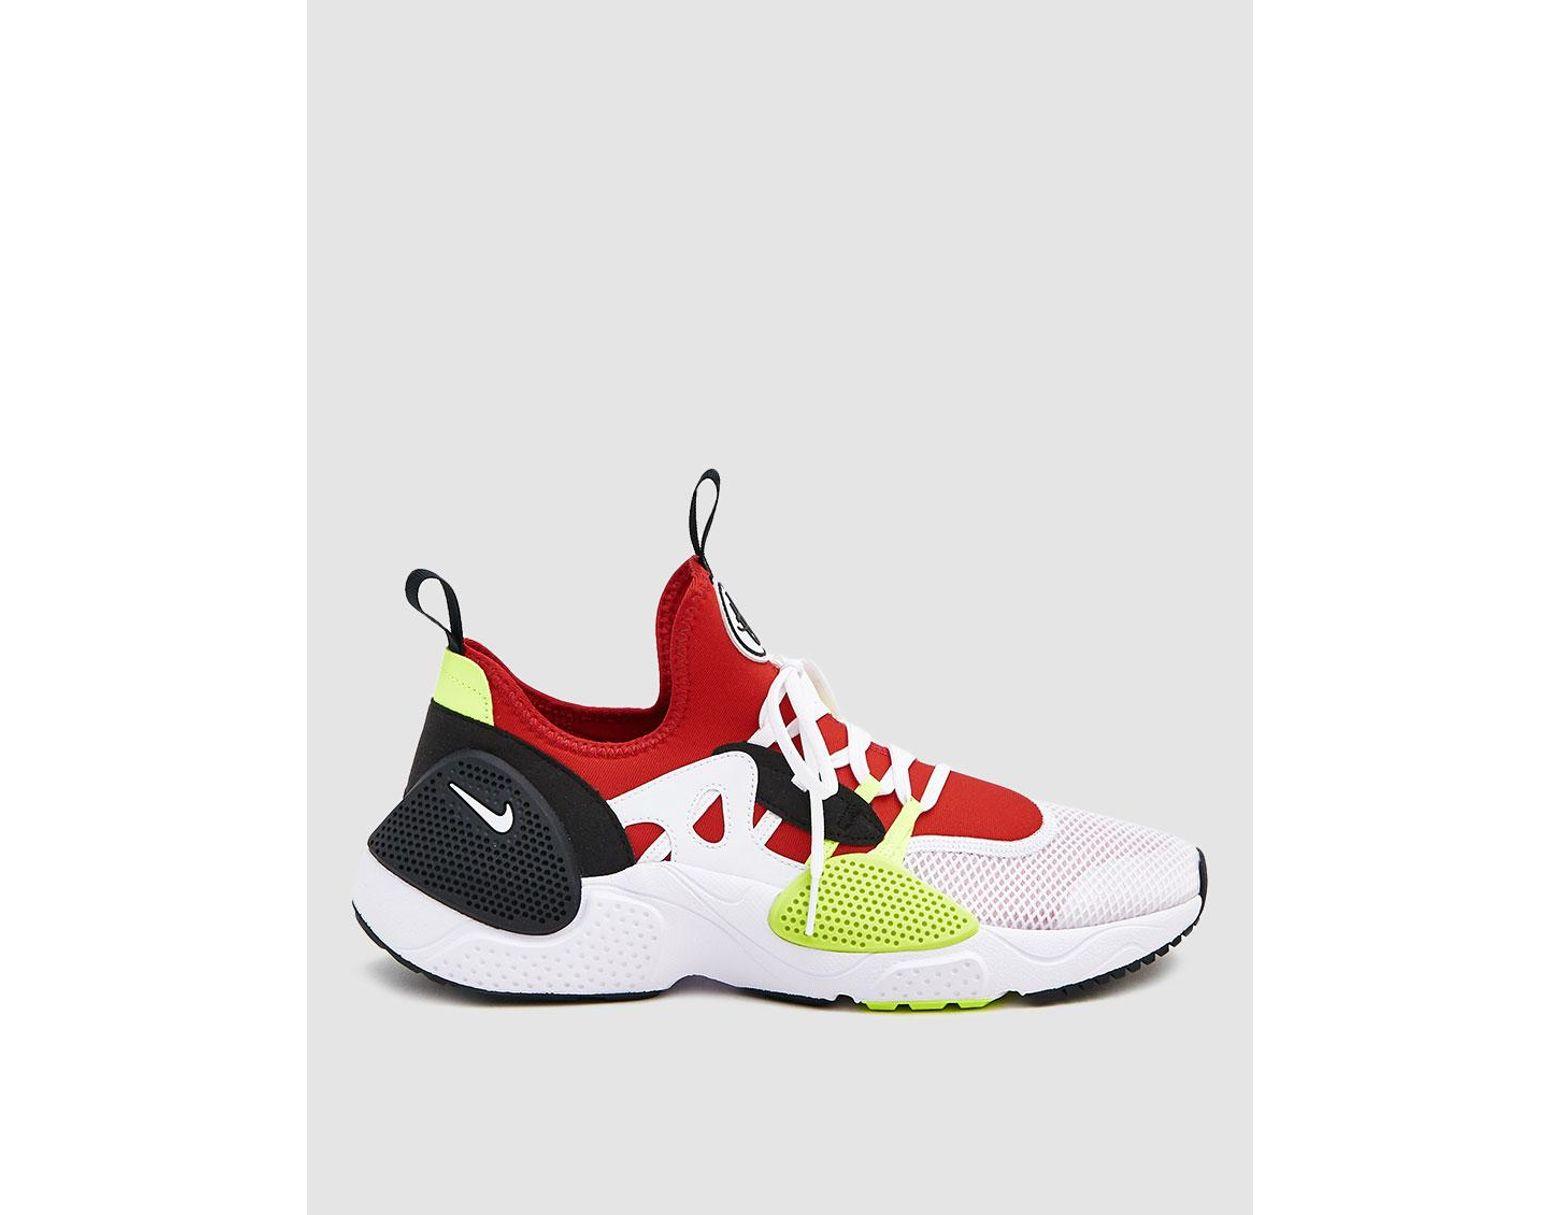 72d8002956 Nike Huarache E.d.g.e. Txt Sneaker in White for Men - Save 31% - Lyst